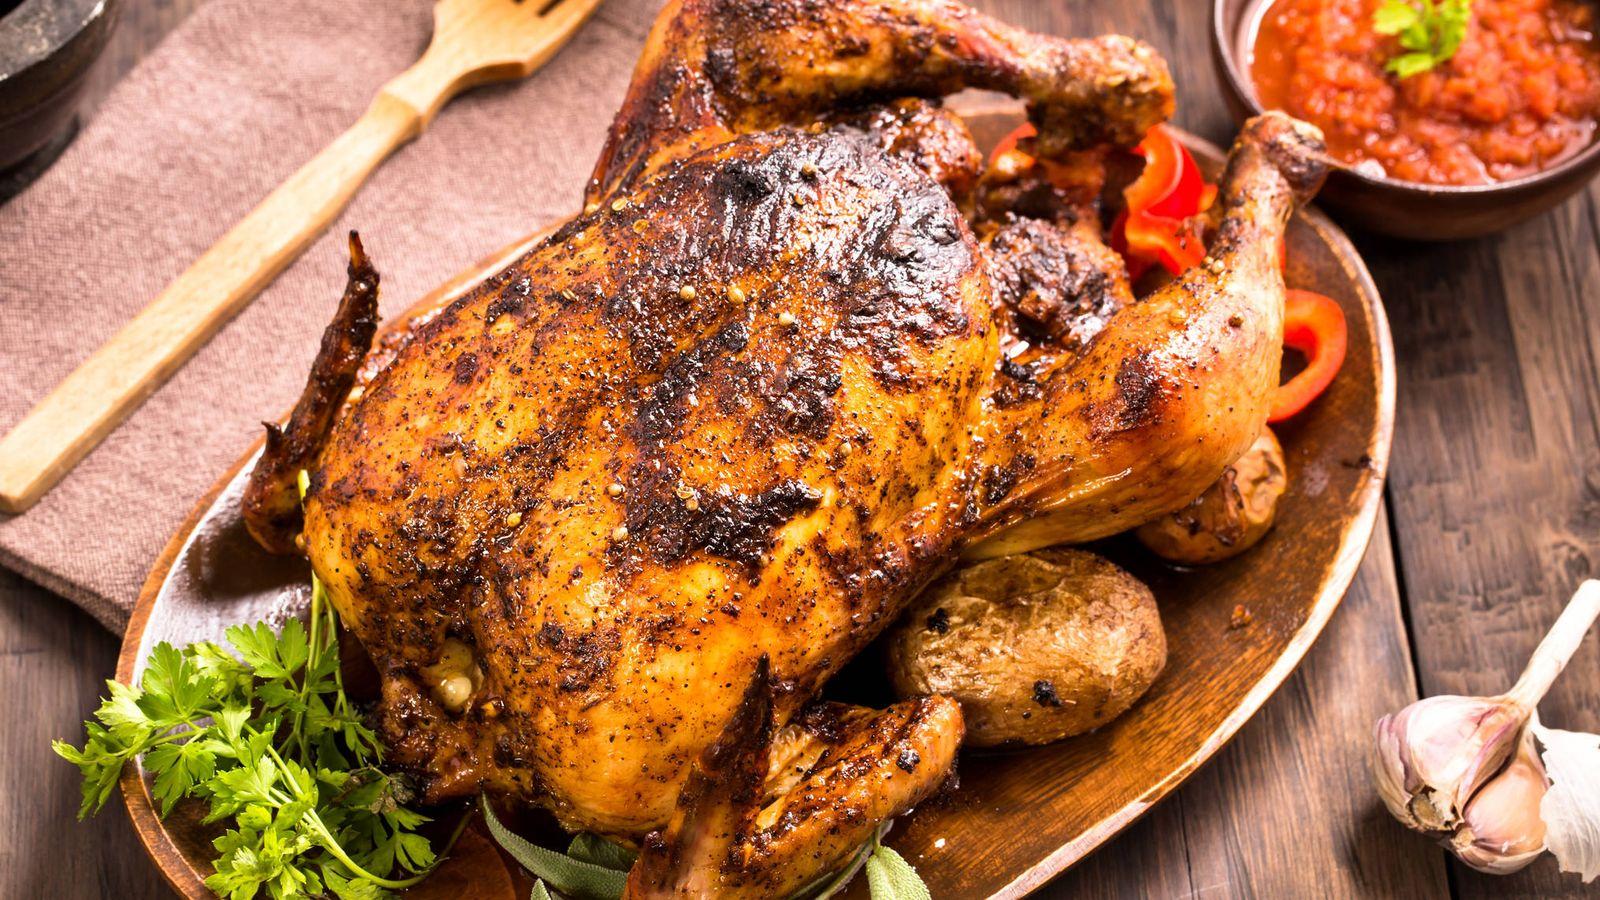 Foto: El pollo al horno es uno de los platos típicos de cualquier cocina. iStock